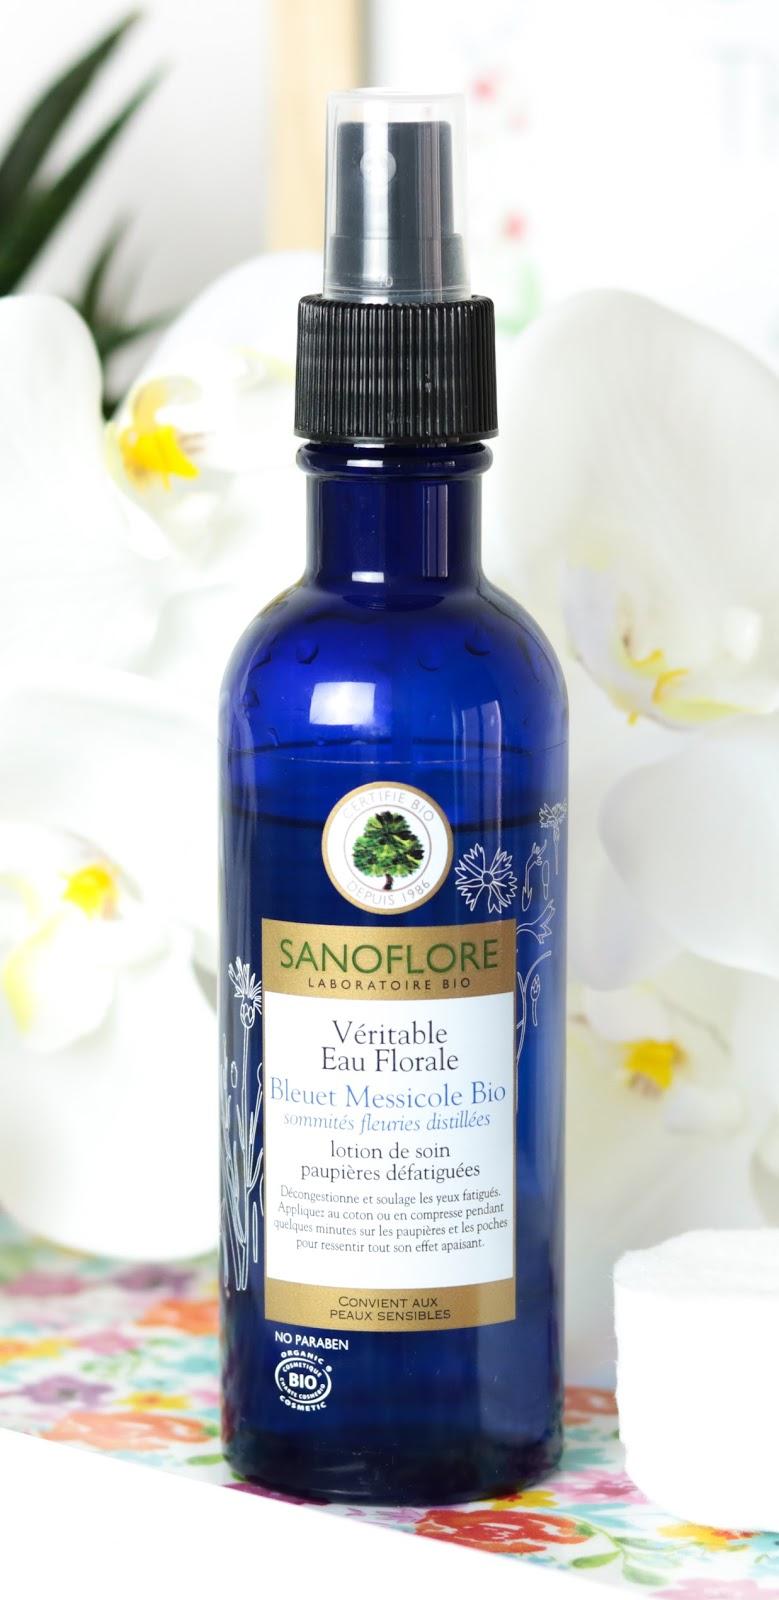 Véritable Eau Florale de Bleuet Messicole Bio de Sanoflore,  décongestionner yeux. Solution Yeux gonflés.